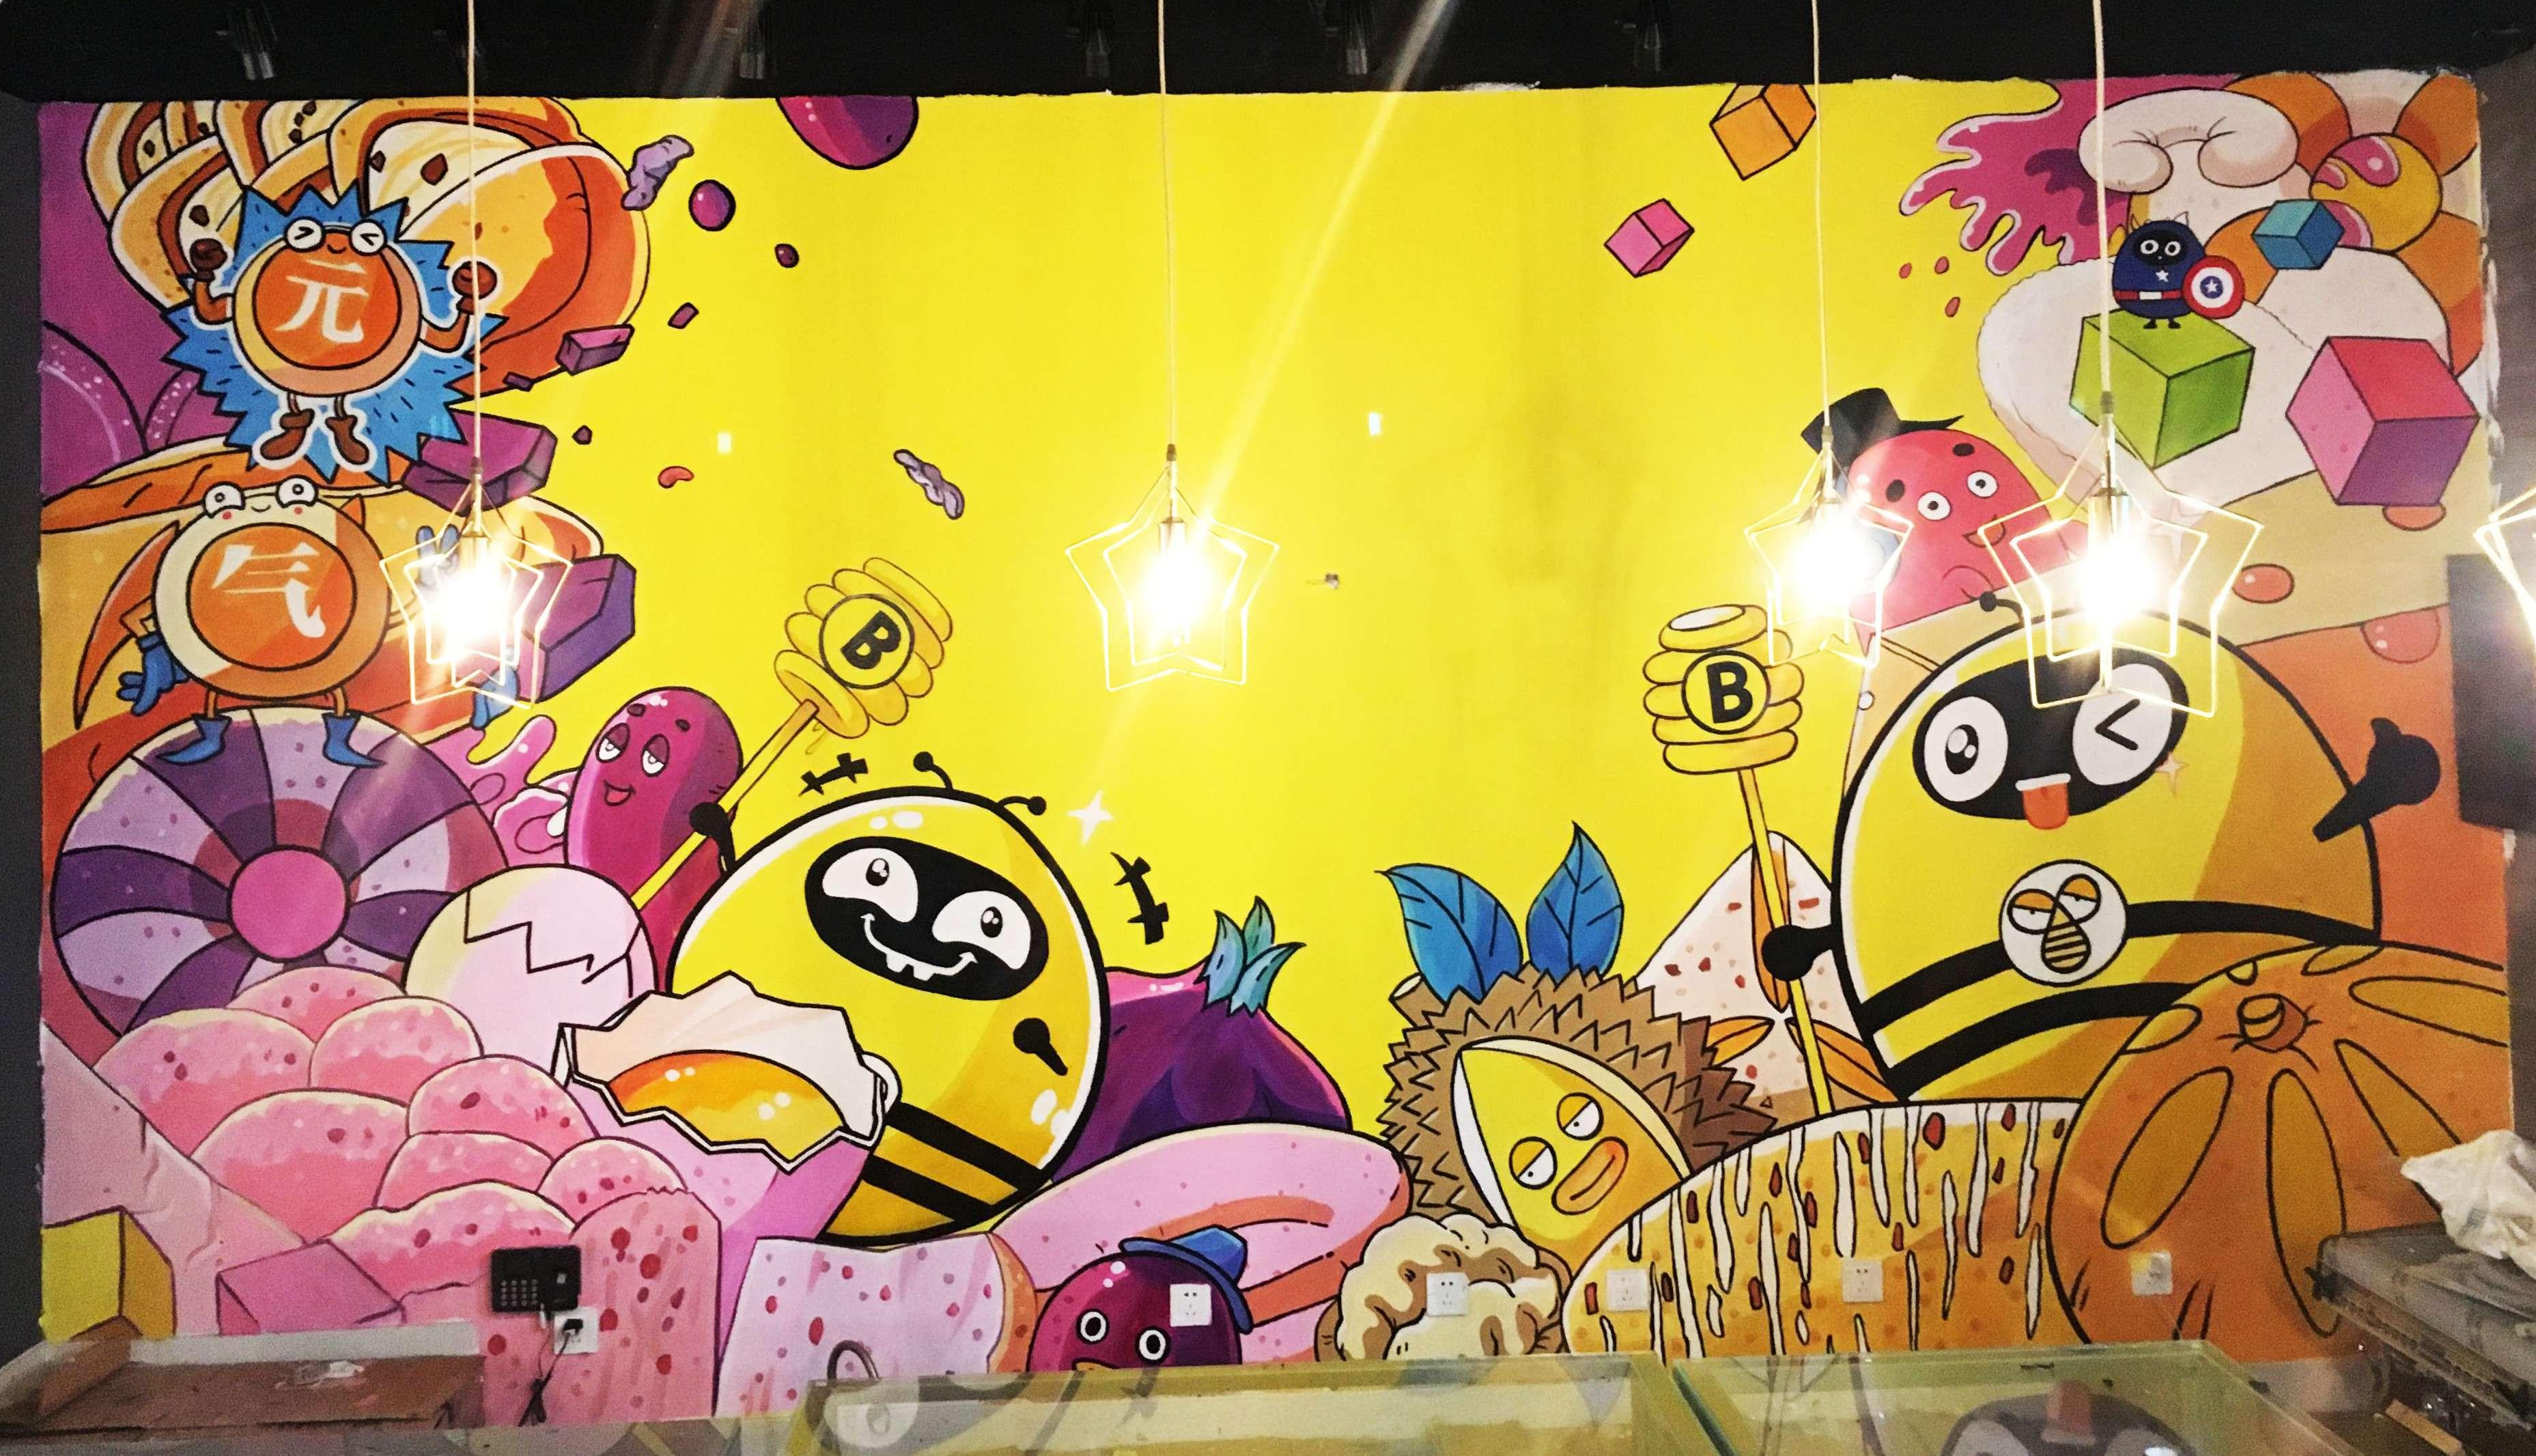 甜品店彩绘